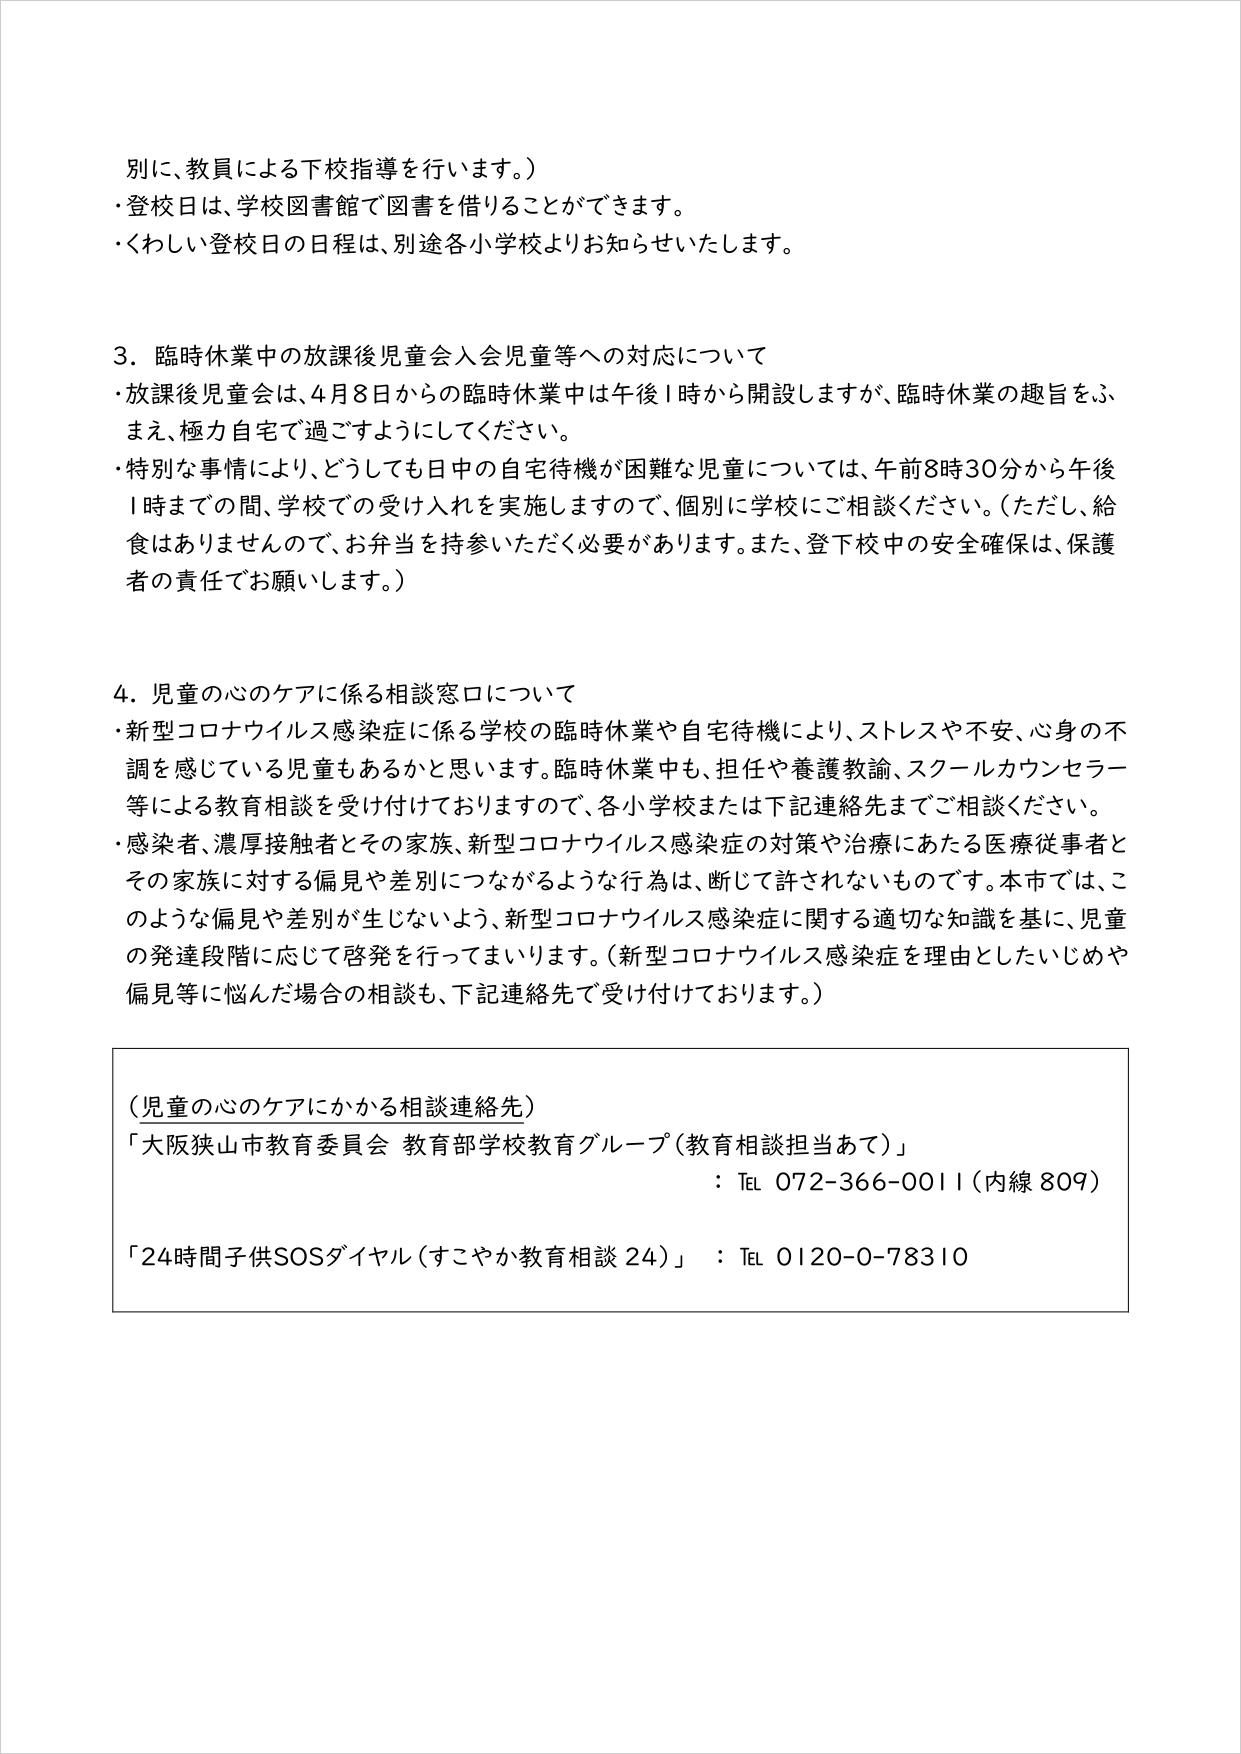 【2020年4月6日付け】臨時休業中の登校日について小学校-(2)